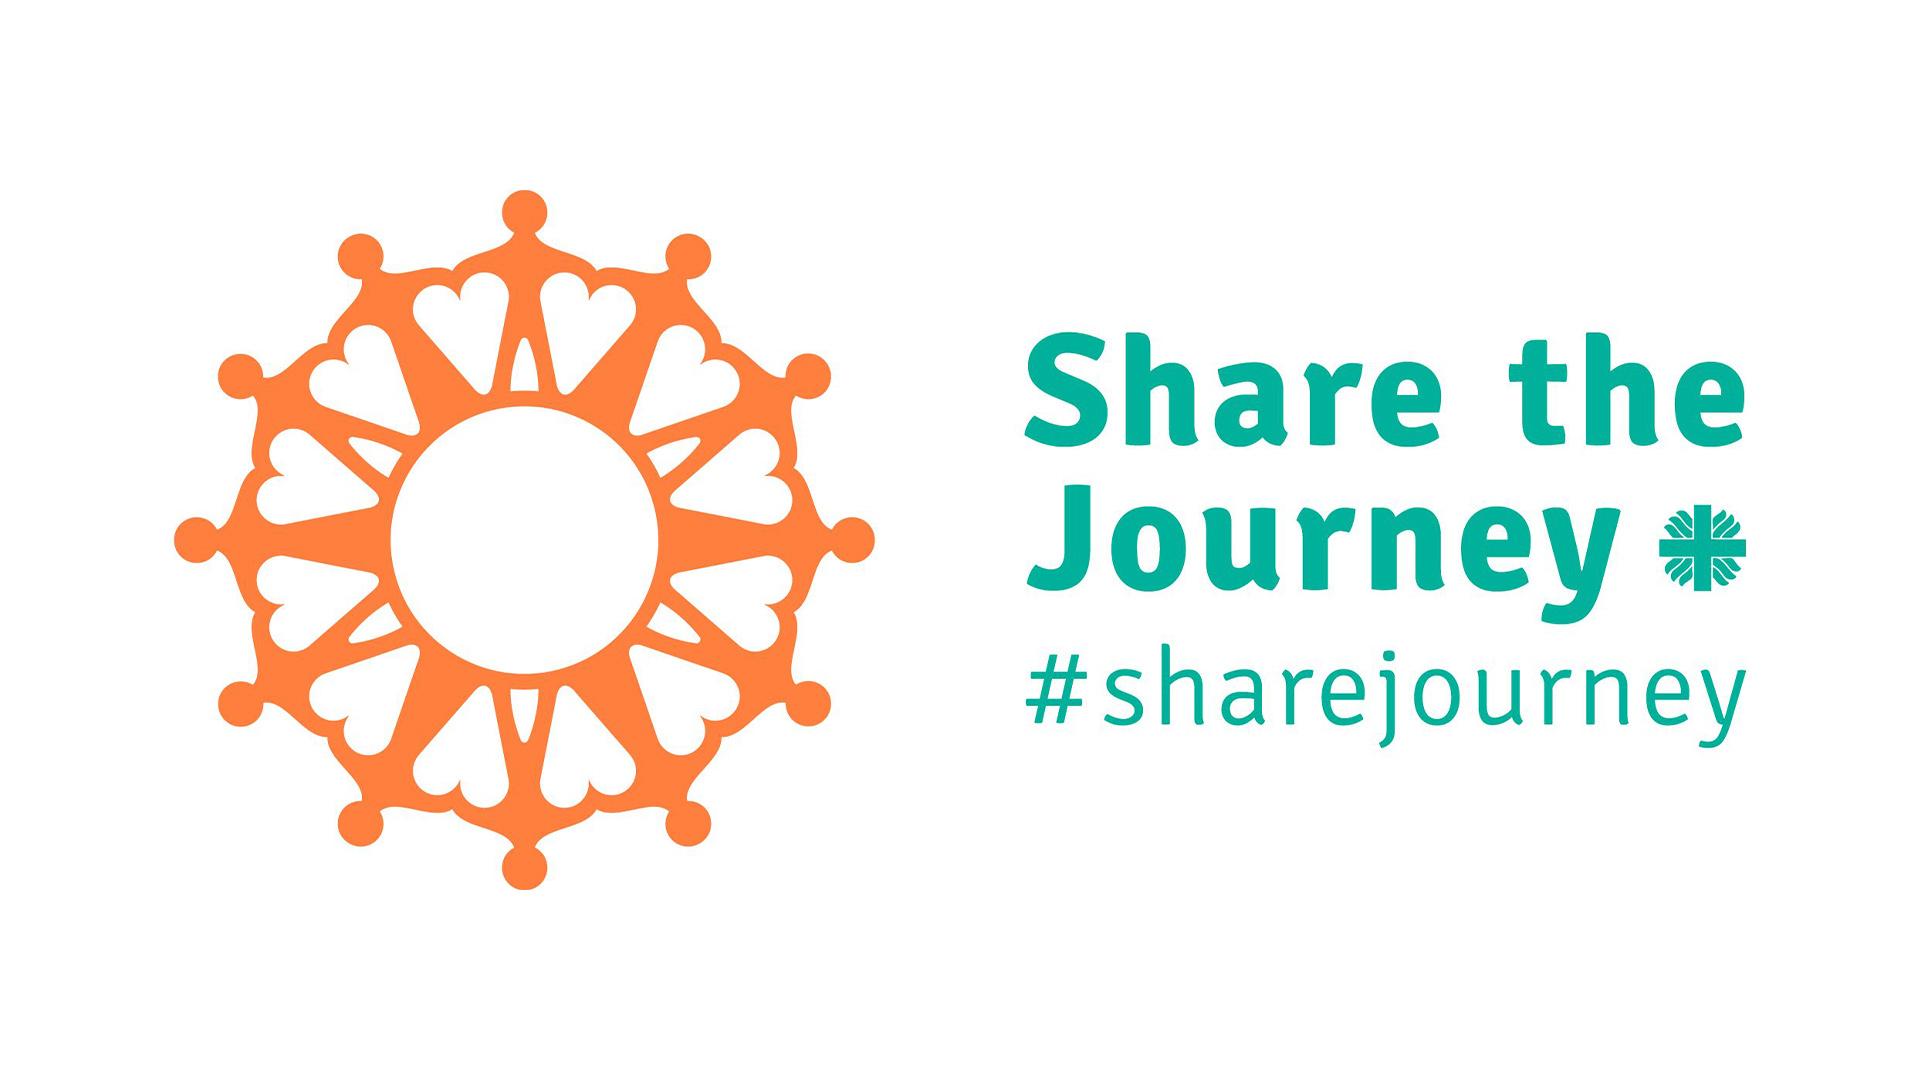 """Chiesa e comunità <br> Conclusa la campagna """"Share the Journey"""" di Caritas Internationalis. Card. Tagle: """"Non aumenti l'egoismo degli Stati, continuiamo a condividere il viaggio con i migranti"""""""